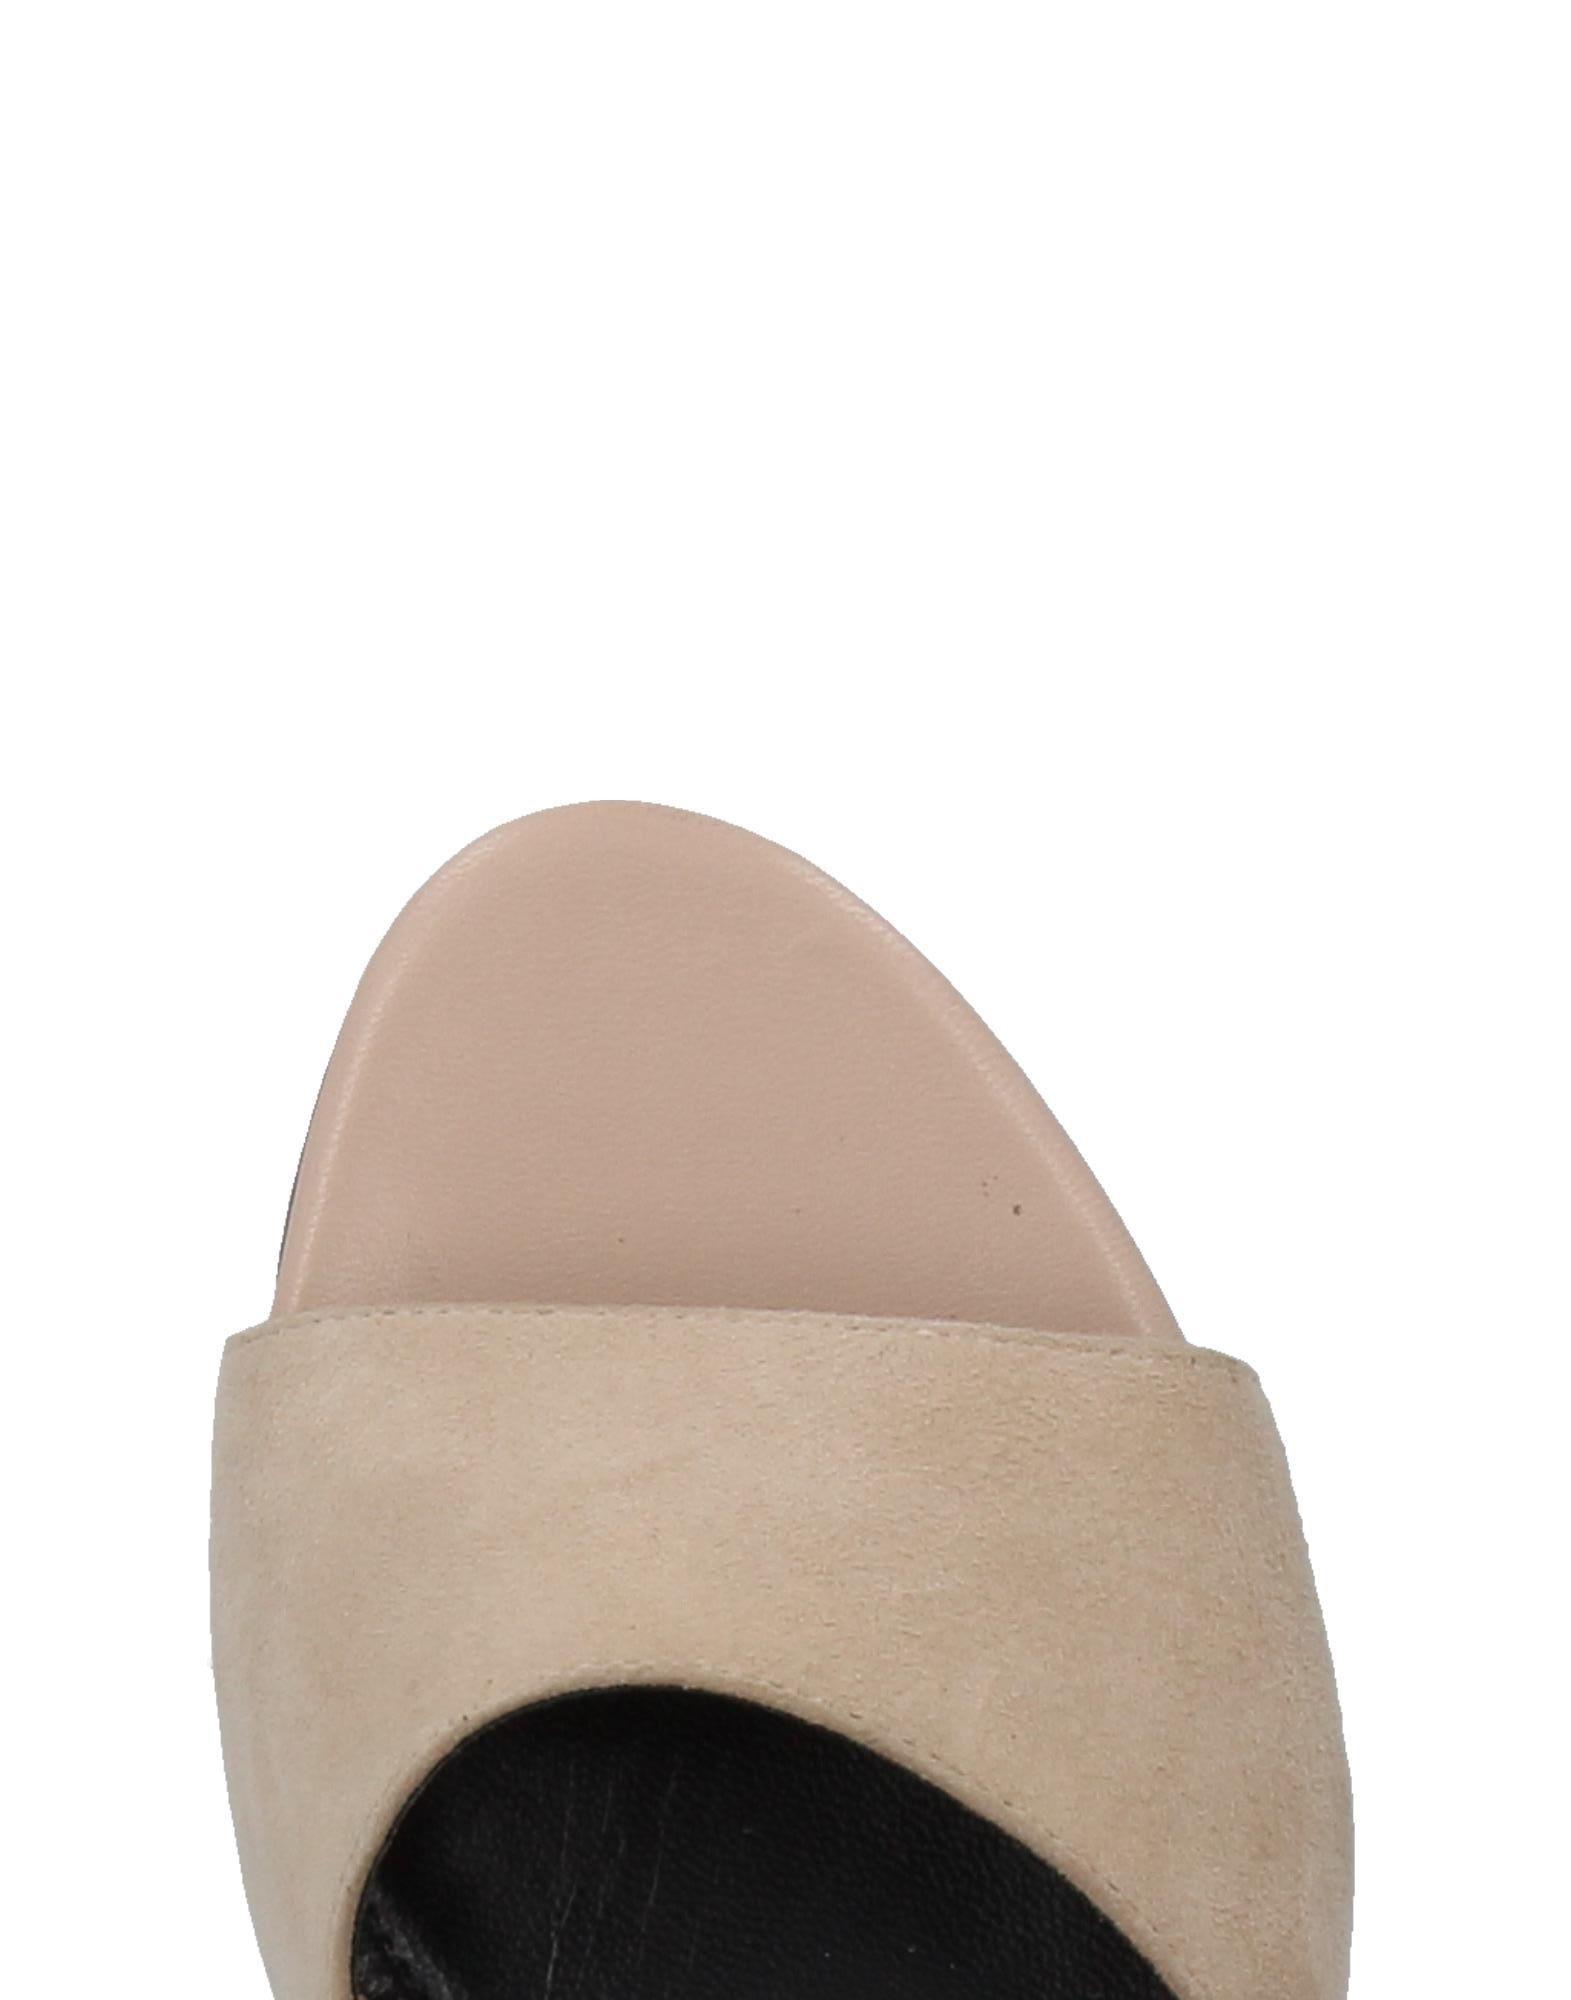 Klassischer Stil-3562,La Corte Della Pelle By Gutes Franco Ballin Sandalen Damen Gutes By Preis-Leistungs-Verhältnis, es lohnt sich a86d0d